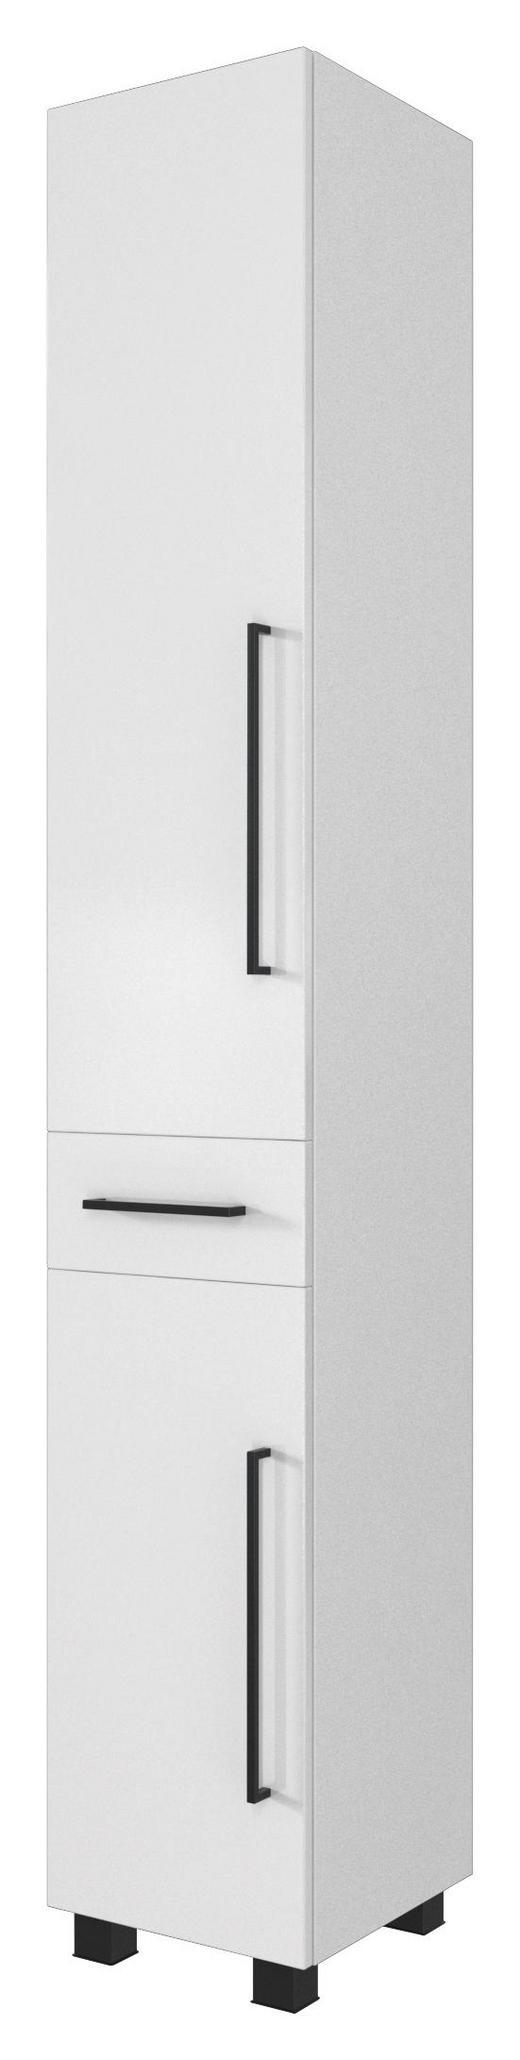 SEITENSCHRANK Weiß - Schwarz/Weiß, Design, Holzwerkstoff/Kunststoff (30/180/35cm) - Carryhome